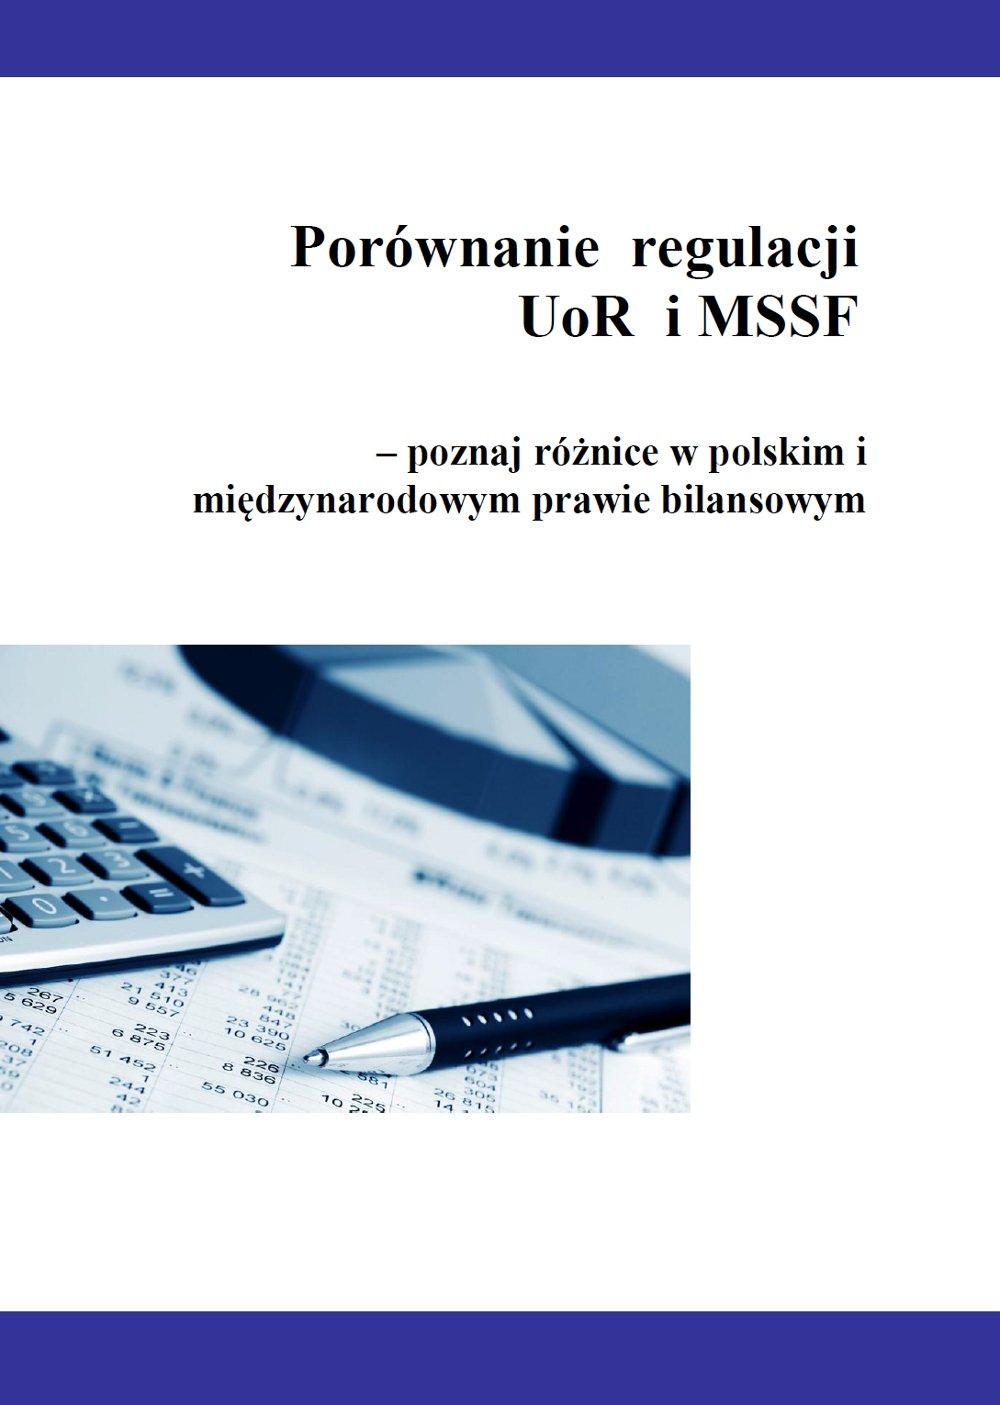 Porównanie  regulacji UoR i MSSF – poznaj różnice w polskim i międzynarodowym prawie bilansowym - Ebook (Książka PDF) do pobrania w formacie PDF